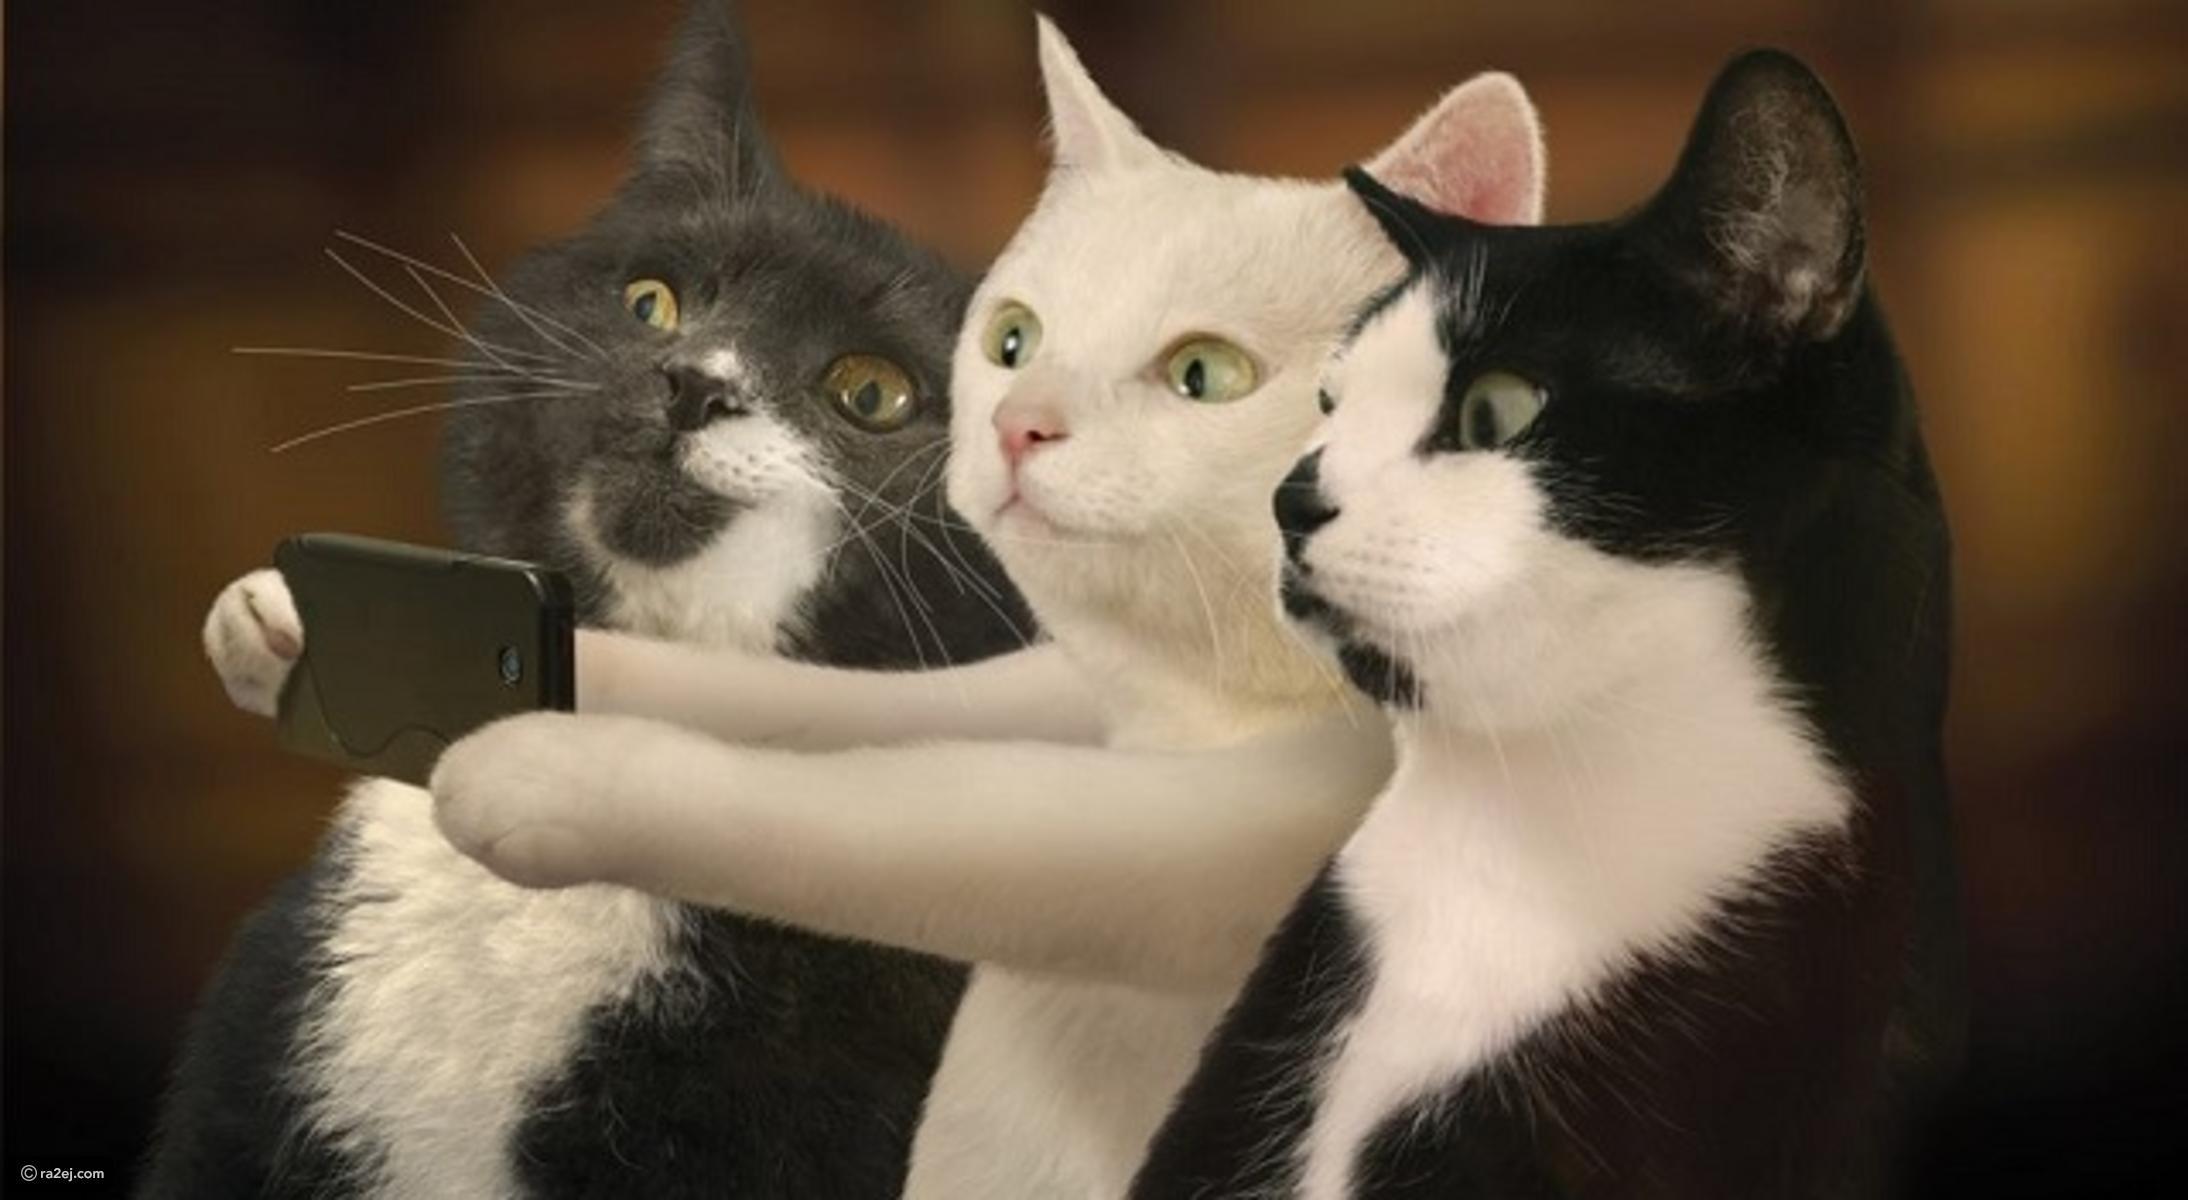 بالصور قطط مضحكة , خلفيات قطه تضحك موت 2445 6